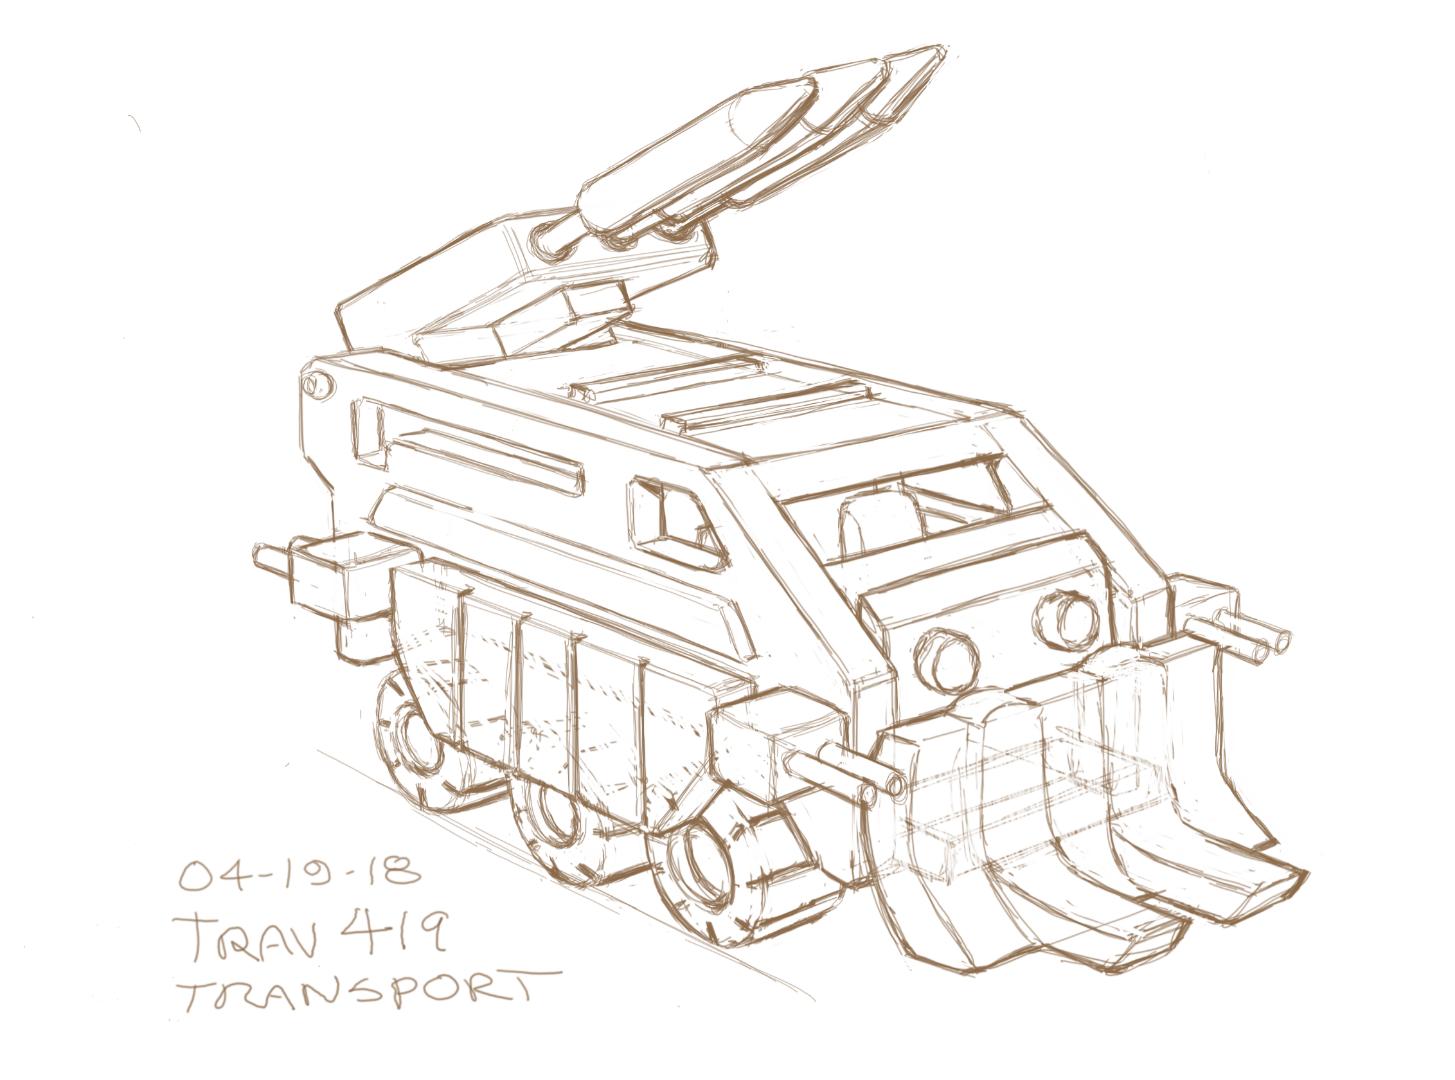 Trav 419 Transport 001.png